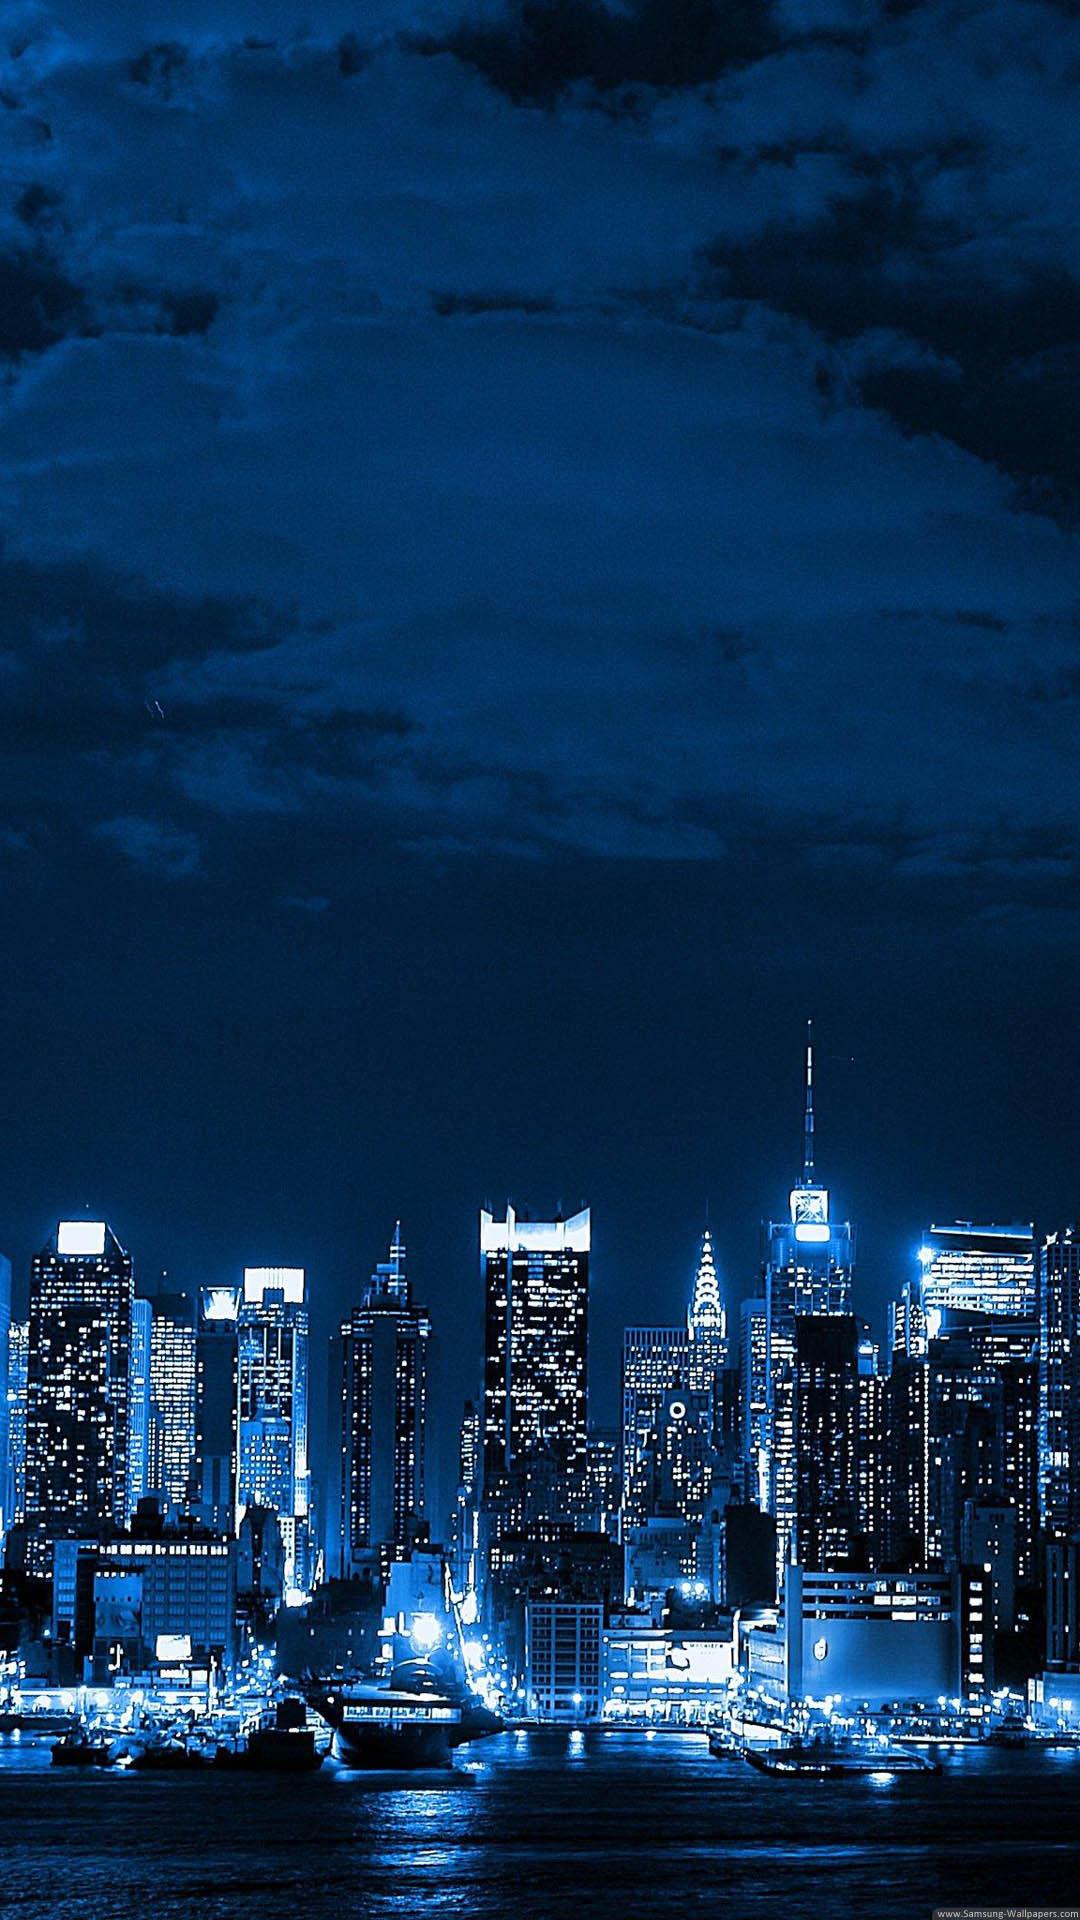 ビル街の夜景 Iphone6壁紙 Iphone Wallpapers